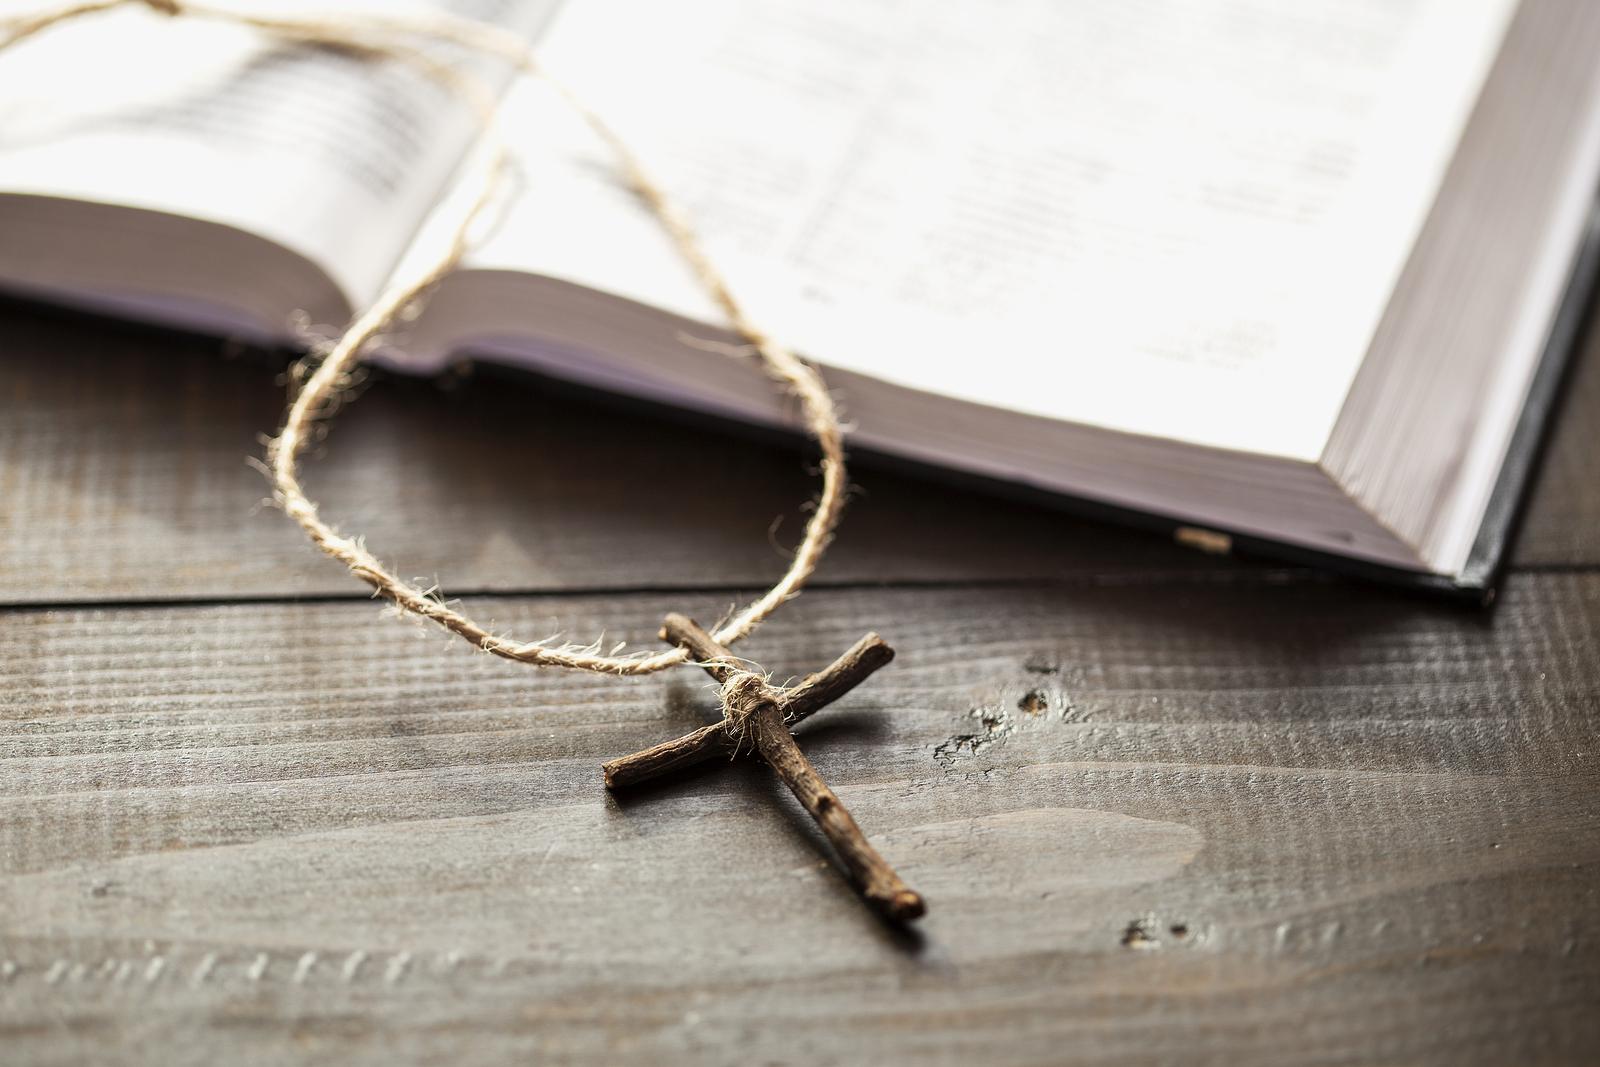 Kreuz vor einer Bibel